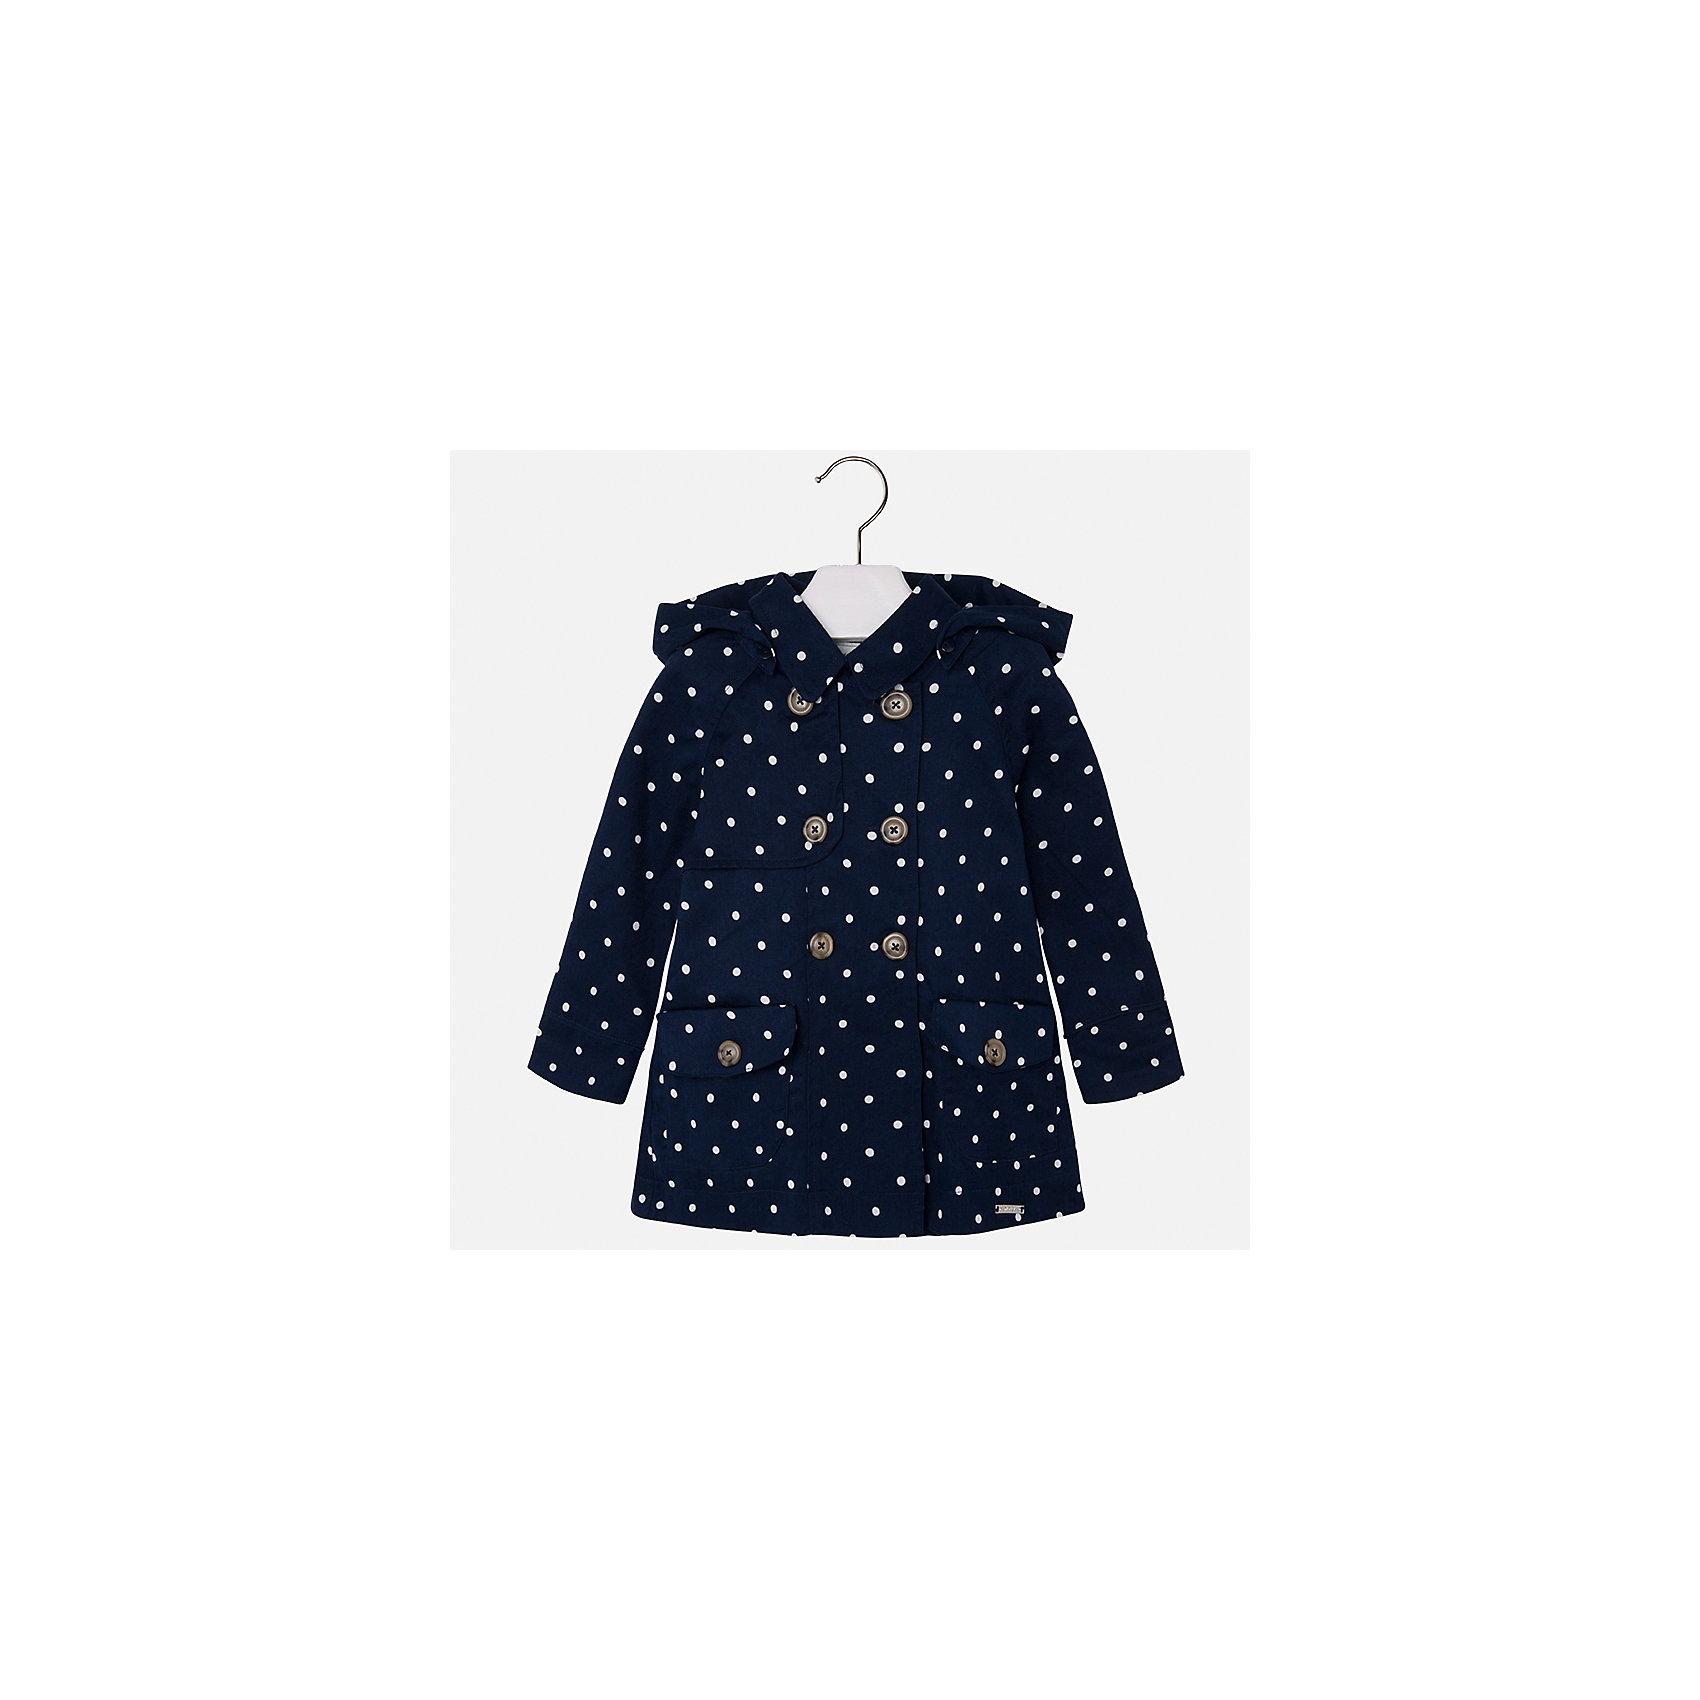 Плащ для девочки MayoralВерхняя одежда<br>Характеристики товара:<br><br>• цвет: темно-синий<br>• состав: 100% хлопок<br>• застежка: пуговицы<br>• карманы<br>• с длинными рукавами <br>• капюшон<br>• классический силуэт<br>• пуговицы в два ряда<br>• страна бренда: Испания<br><br>Легкий удобный плащ для девочки поможет разнообразить гардероб ребенка и обеспечить тепло в прохладную погоду. Он отлично сочетается и с юбками, и с брюками. Красивый цвет позволяет подобрать к вещи обувь различных расцветок. Интересная отделка модели делает её нарядной и стильной. <br><br>Одежда, обувь и аксессуары от испанского бренда Mayoral полюбились детям и взрослым по всему миру. Модели этой марки - стильные и удобные. Для их производства используются только безопасные, качественные материалы и фурнитура. Порадуйте ребенка модными и красивыми вещами от Mayoral! <br><br>Плащ для девочки от испанского бренда Mayoral (Майорал) можно купить в нашем интернет-магазине.<br><br>Ширина мм: 356<br>Глубина мм: 10<br>Высота мм: 245<br>Вес г: 519<br>Цвет: разноцветный<br>Возраст от месяцев: 60<br>Возраст до месяцев: 72<br>Пол: Женский<br>Возраст: Детский<br>Размер: 116,104,110,122,128,134,92,98<br>SKU: 5290278